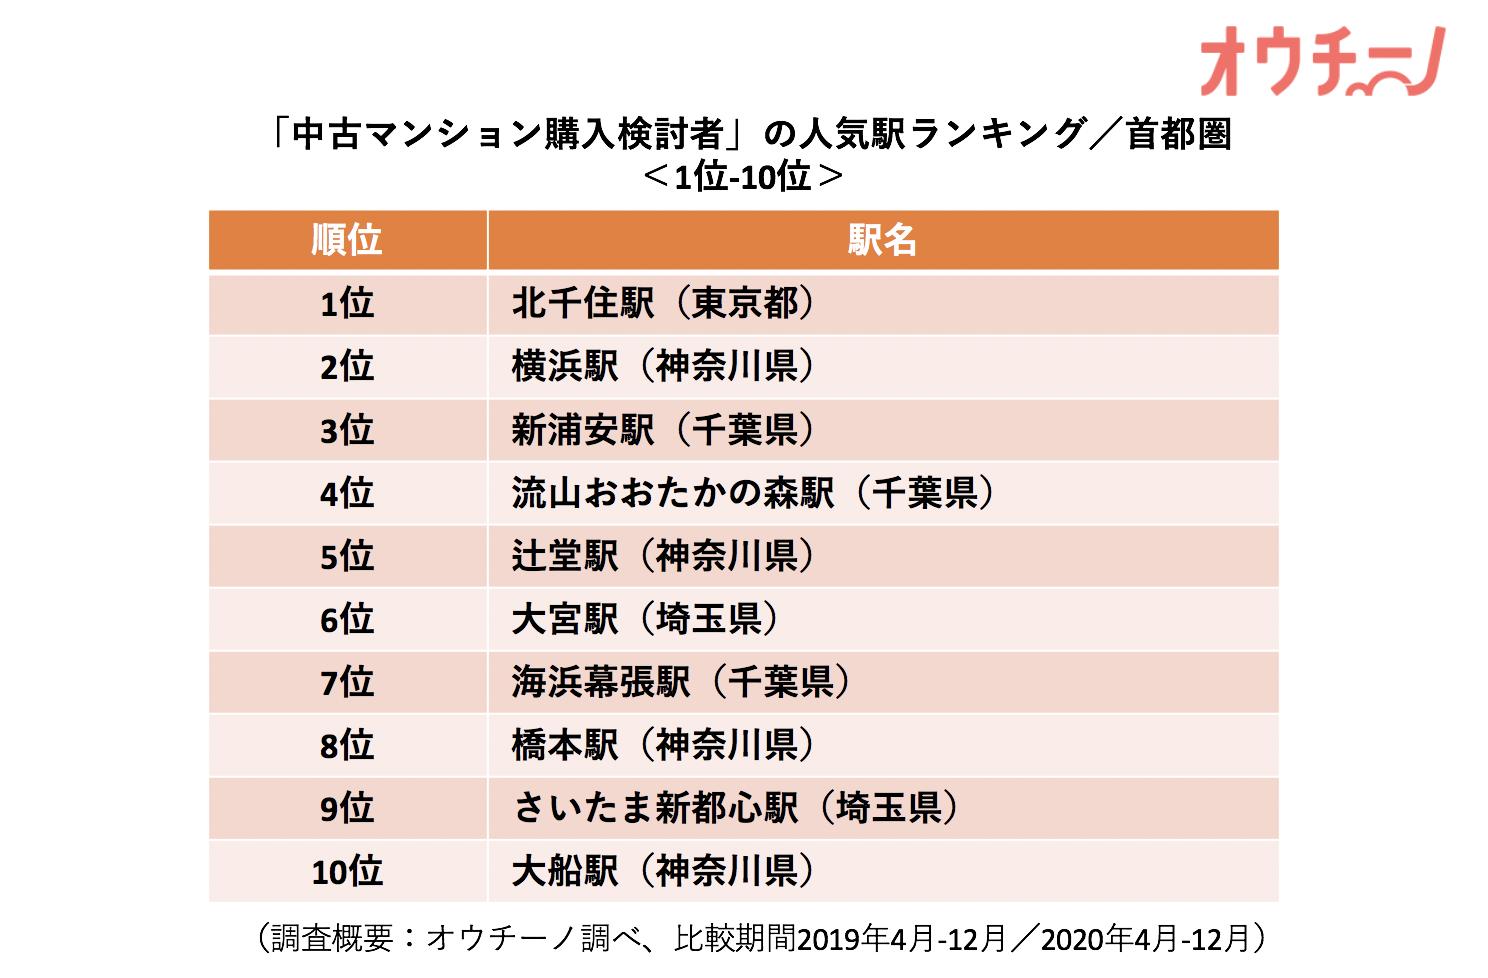 人気駅ランキング首都圏1-10位